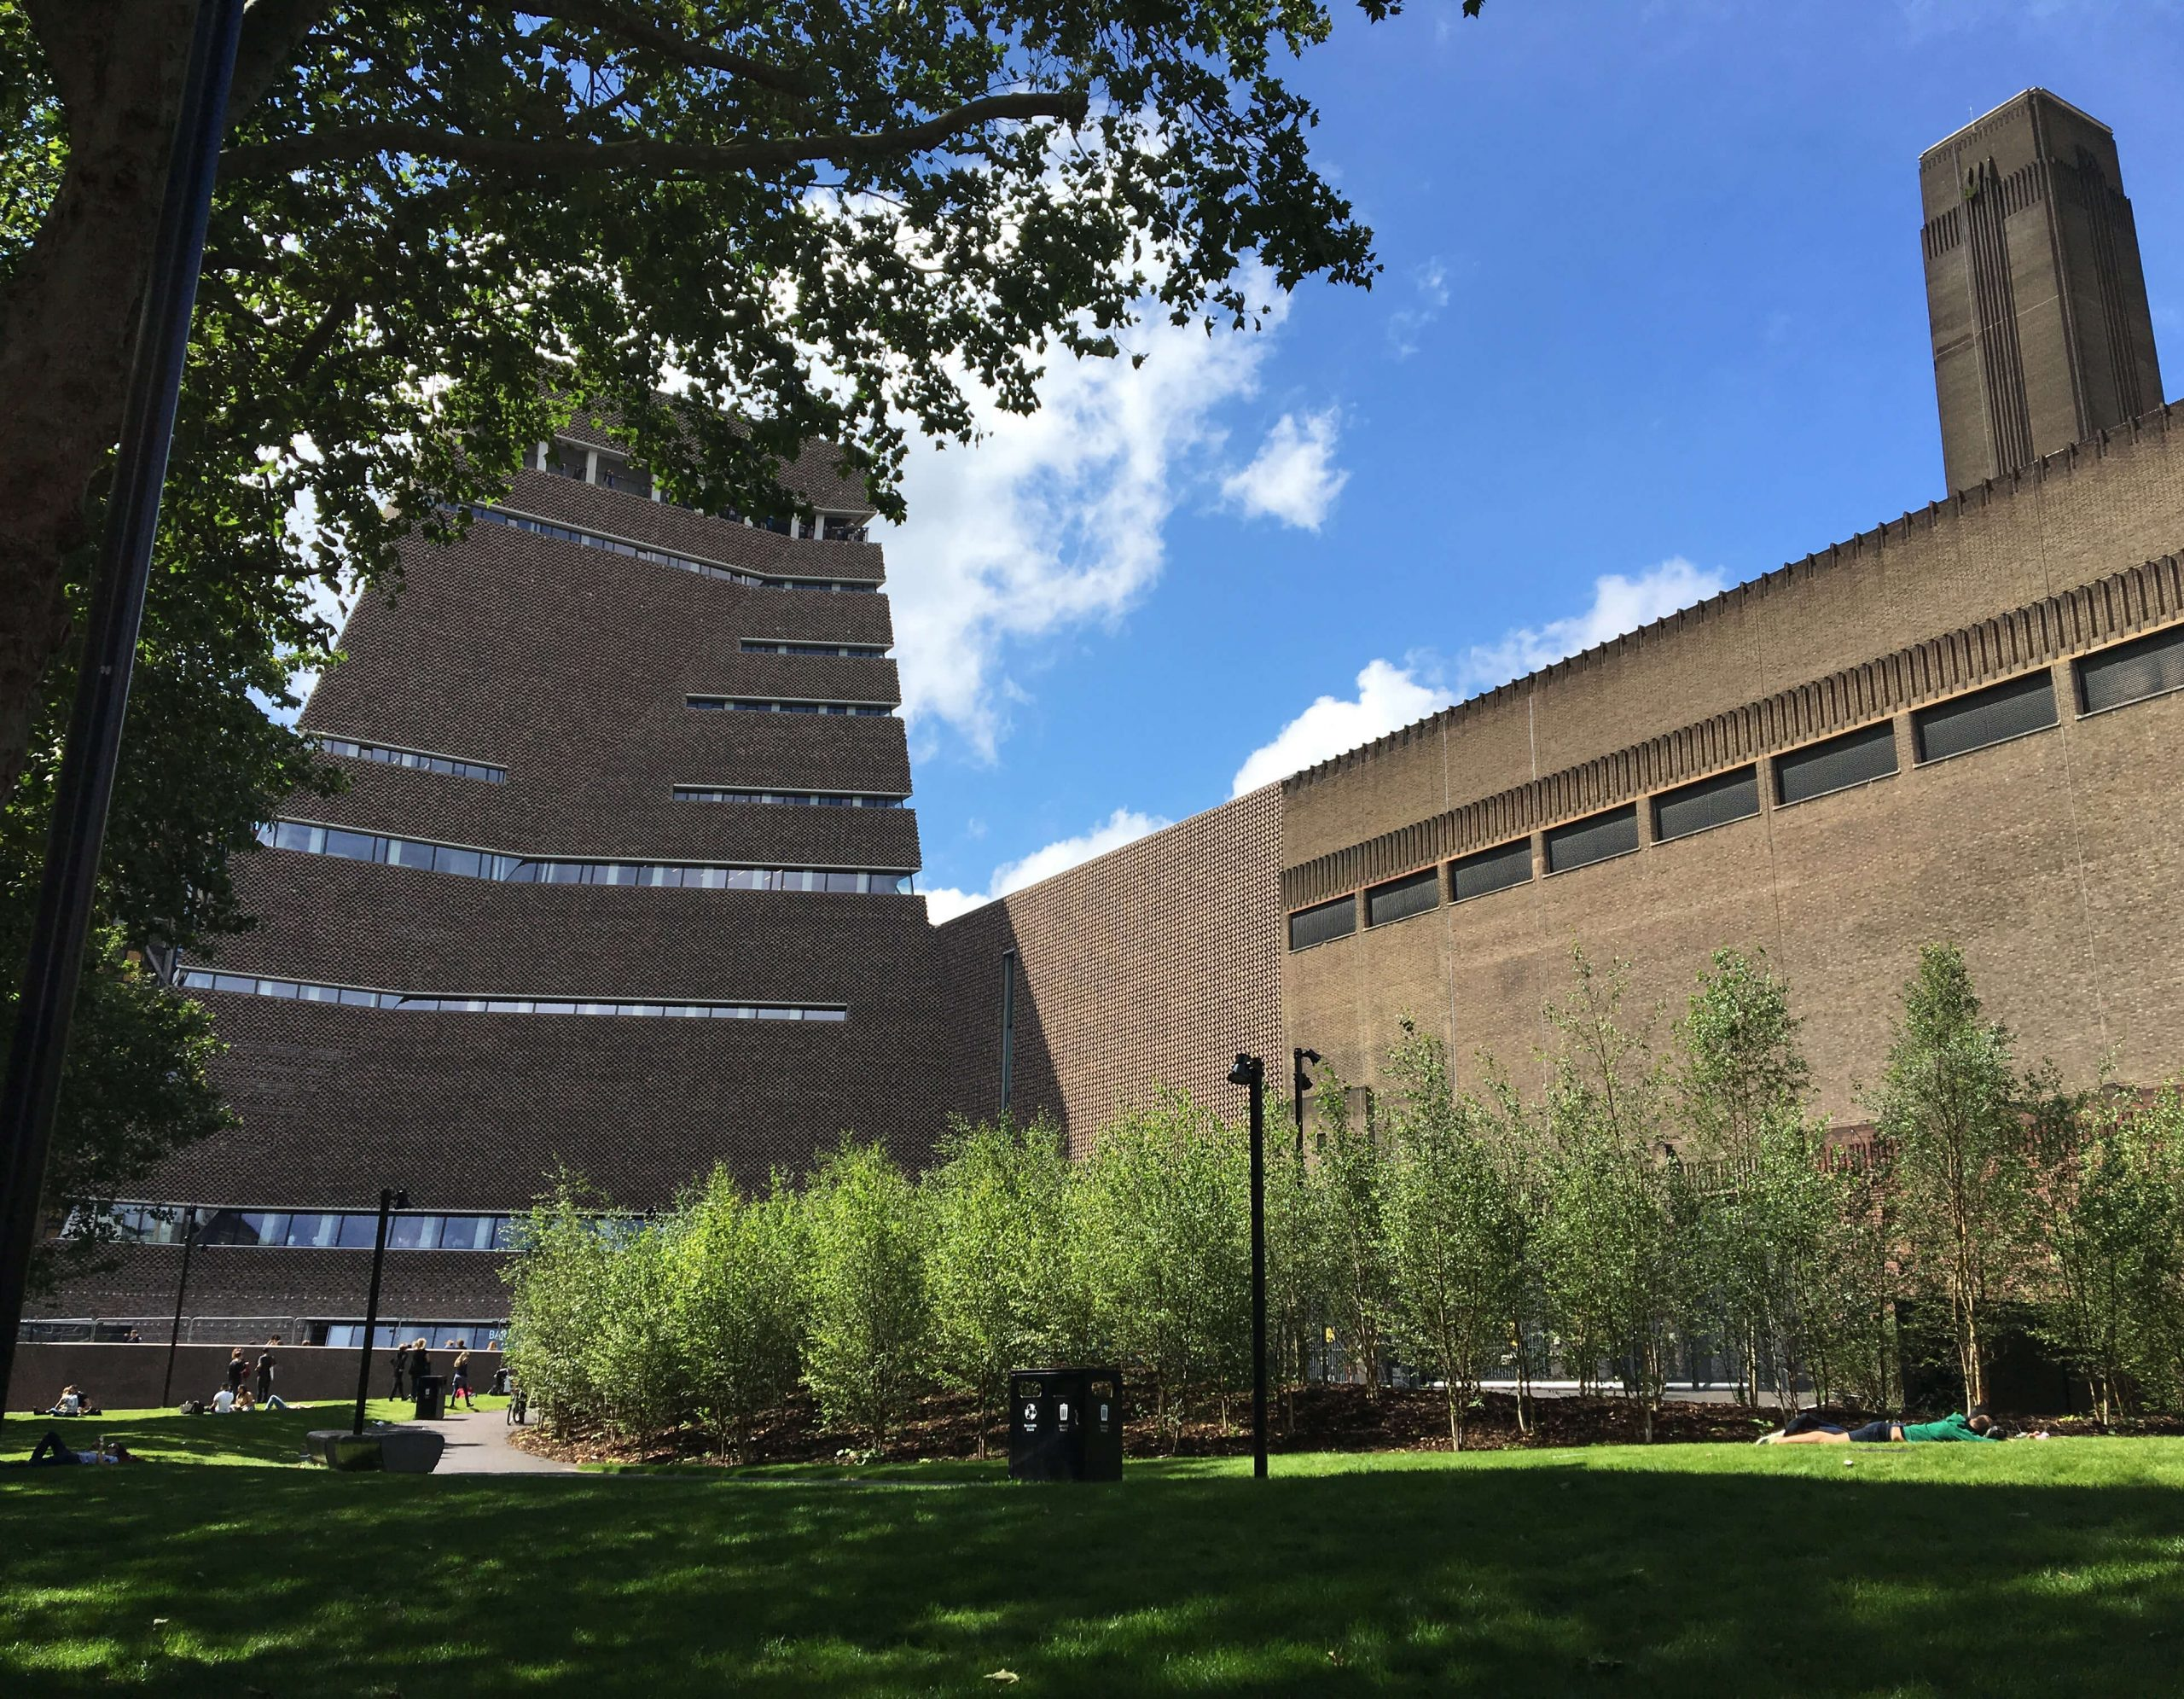 Um passeio pela nova Tate Modern